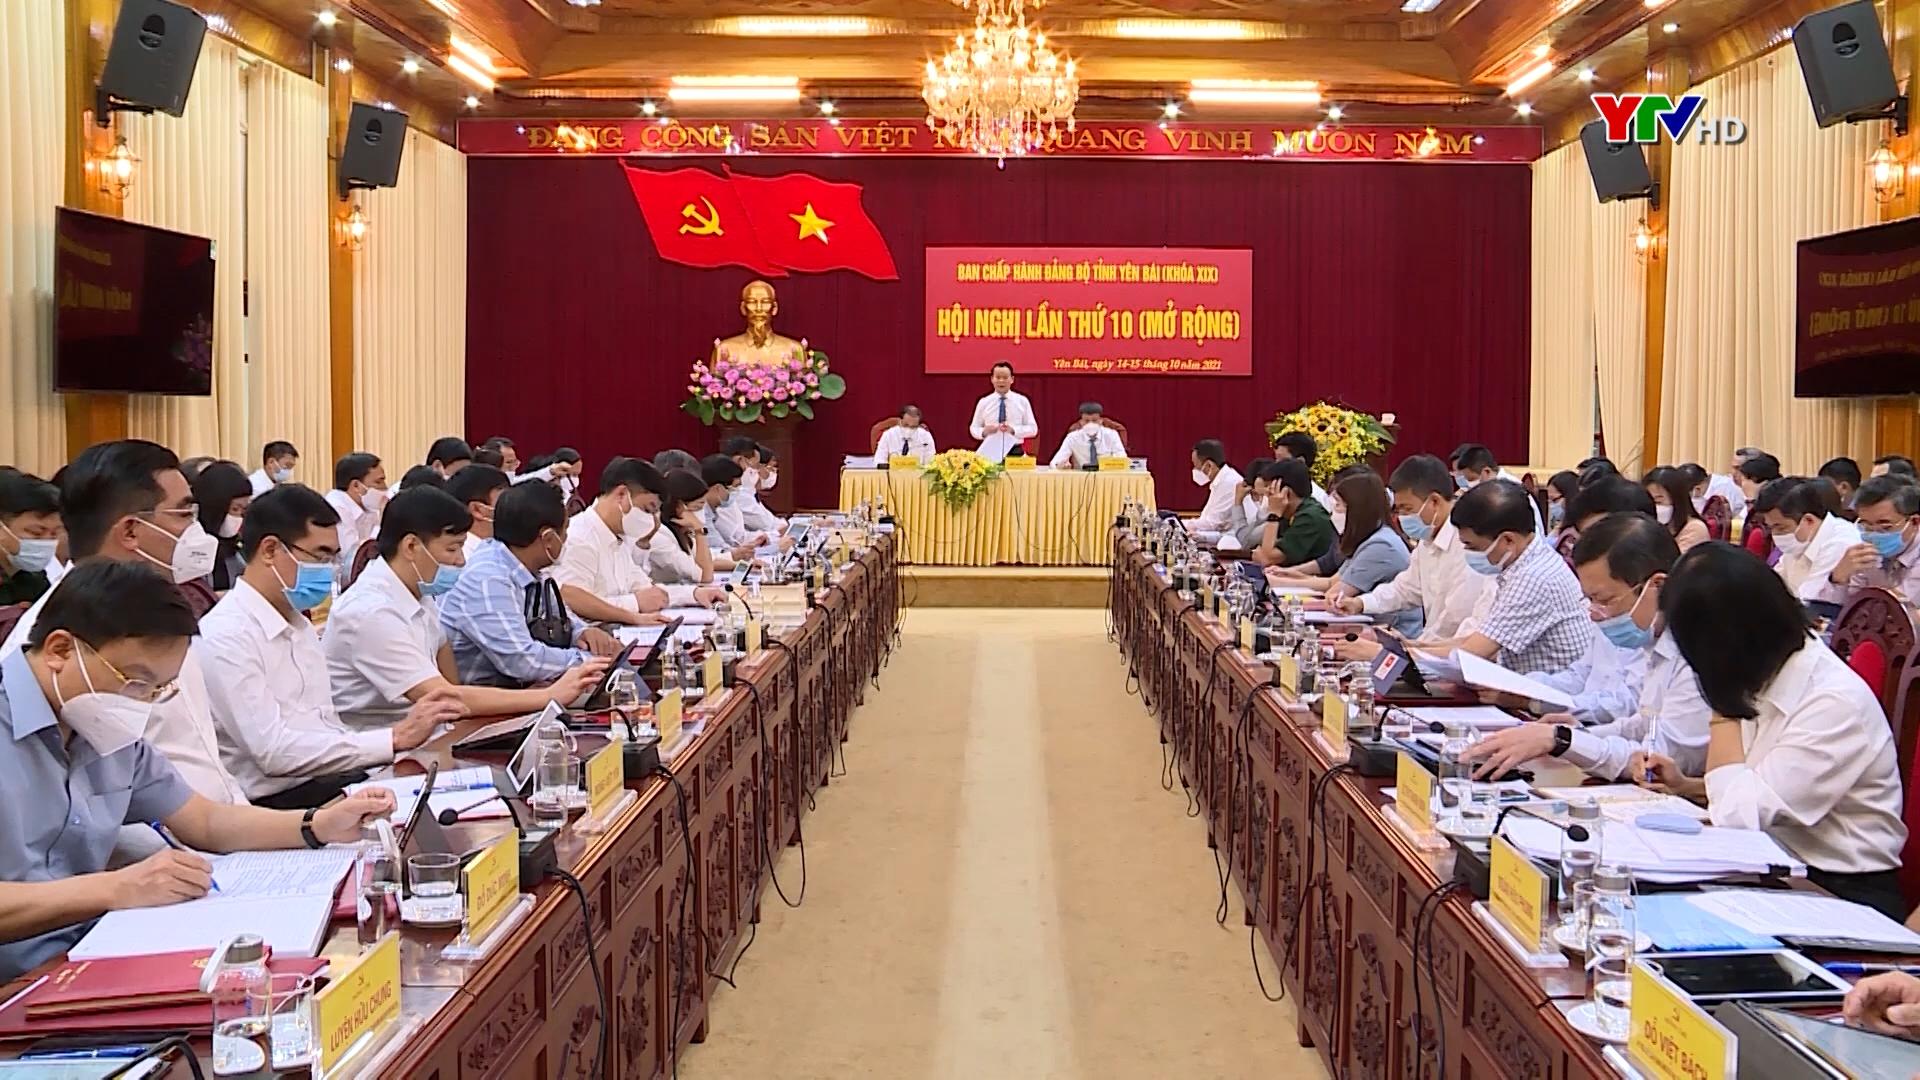 Hội nghị Ban Chấp hành Đảng bộ tỉnh lần thứ 10 (mở rộng): Tập trung thảo luận nhiều nội dung quan trọng